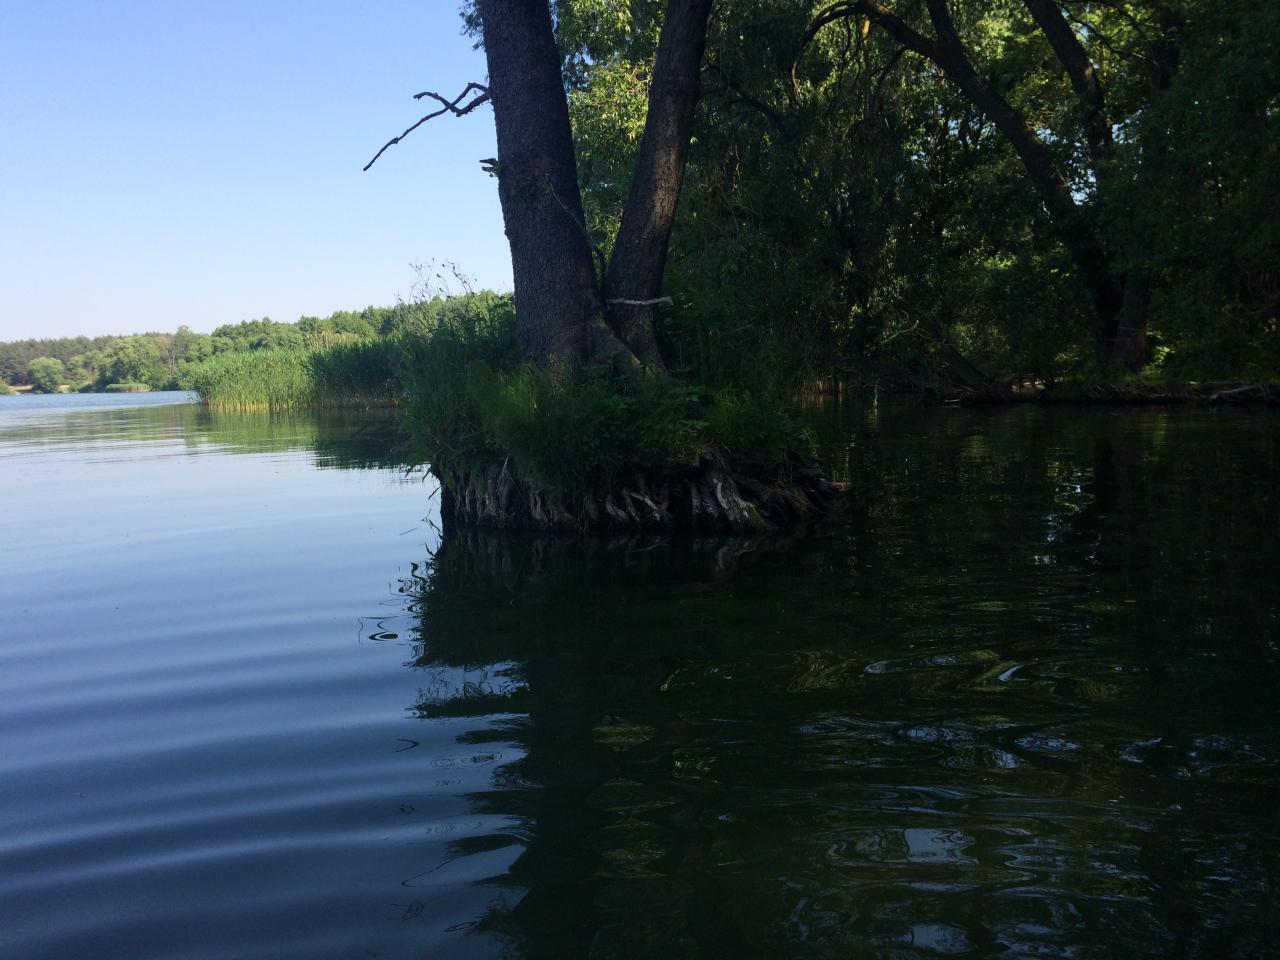 Вчера с самого утра вдвоём с приятелем Юрой сгоняли на оз. Белое ...   Отчеты о рыбалке в Беларуси